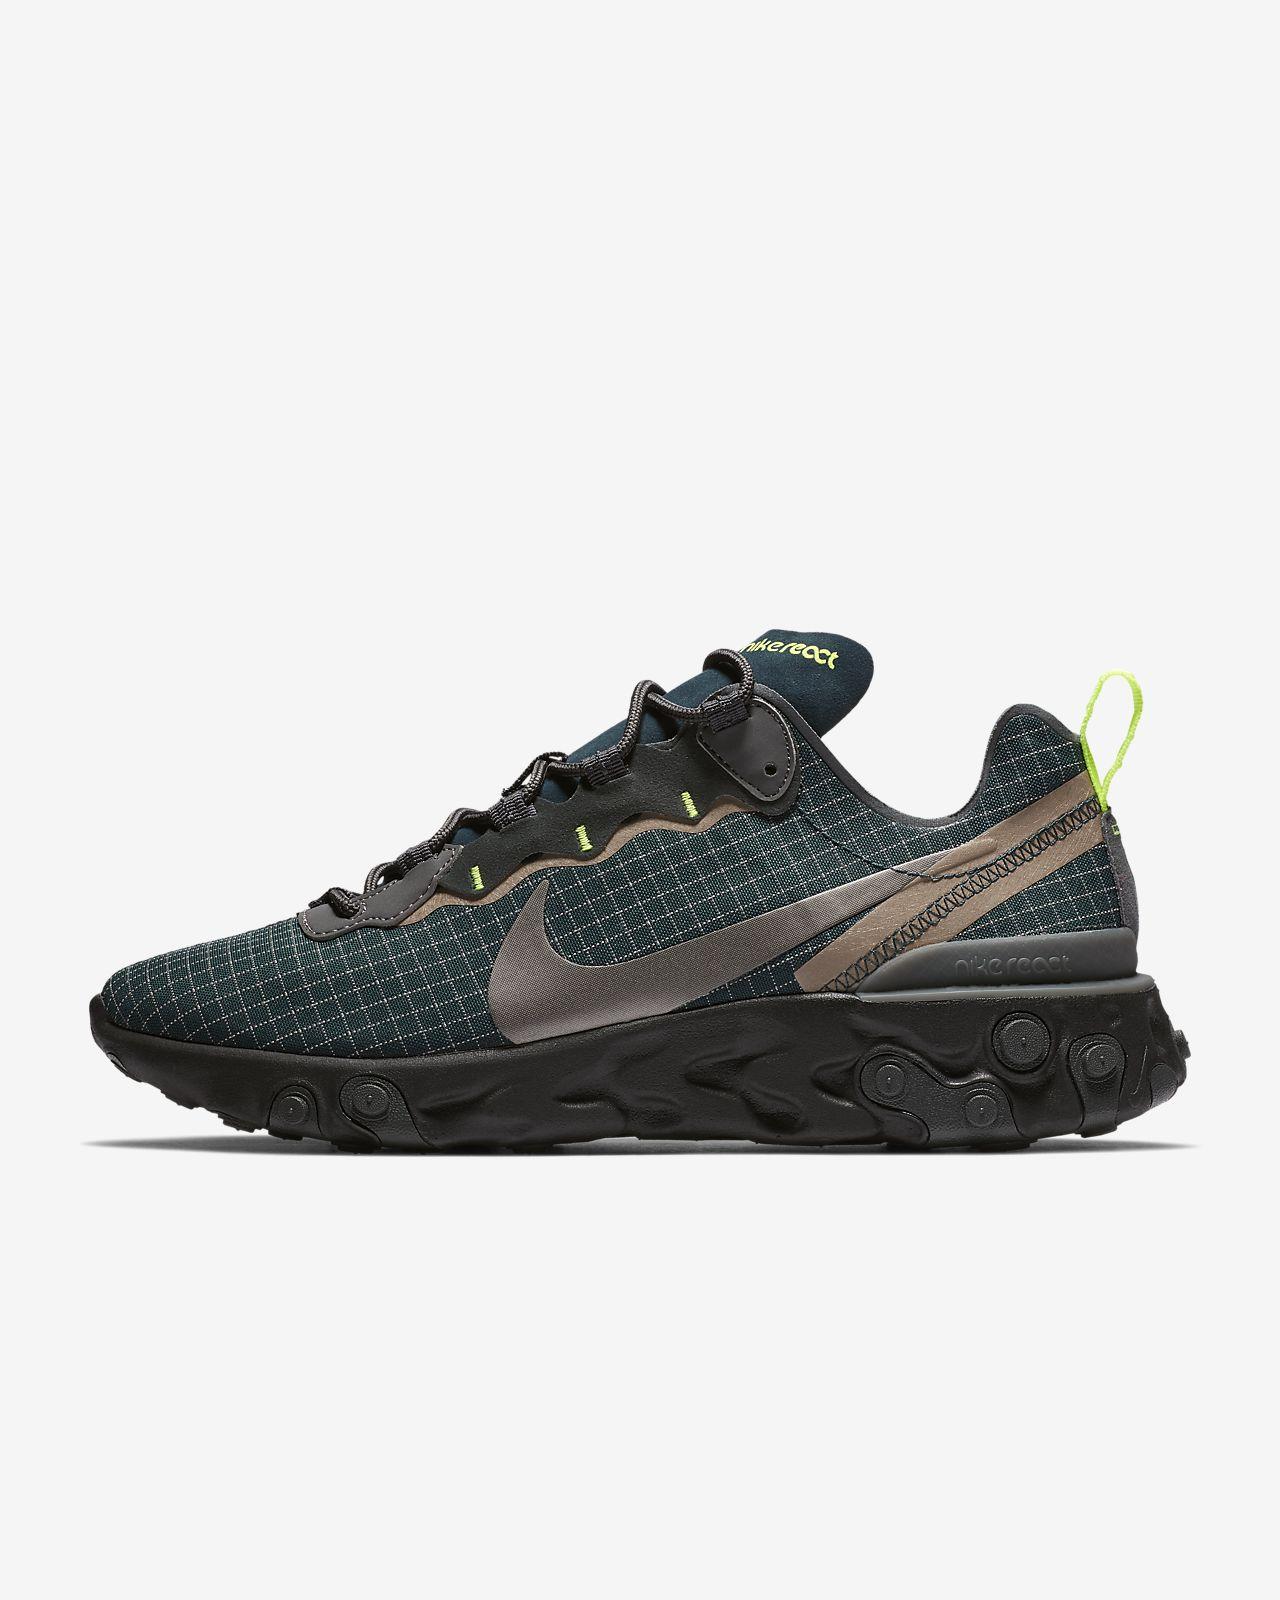 40b16ad5a6a20 Nike React Element 55 Zapatillas - Hombre. Nike.com ES